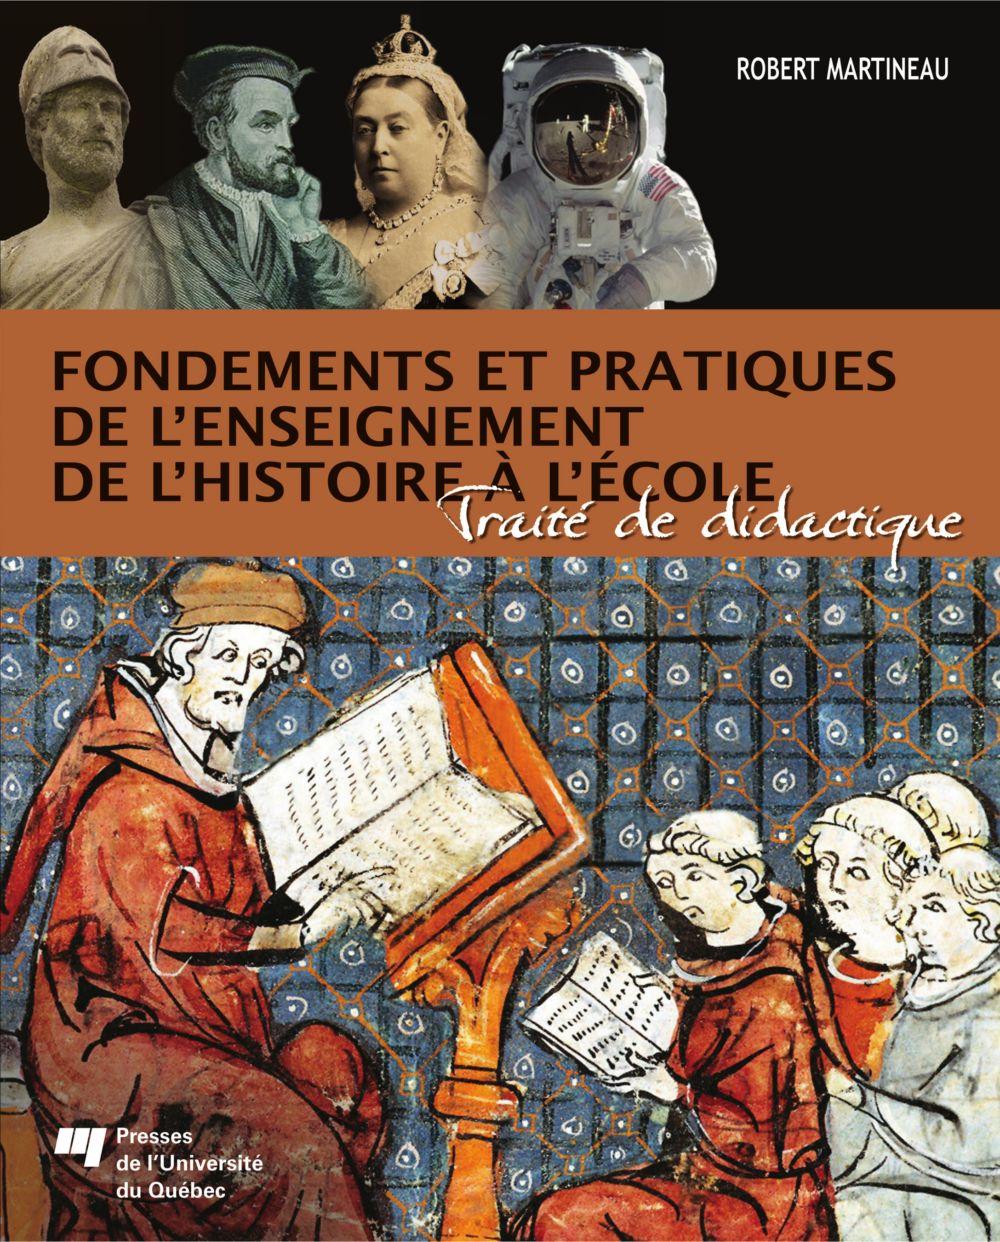 Fondements et pratiques de l'enseignement de l'histoire à l'école